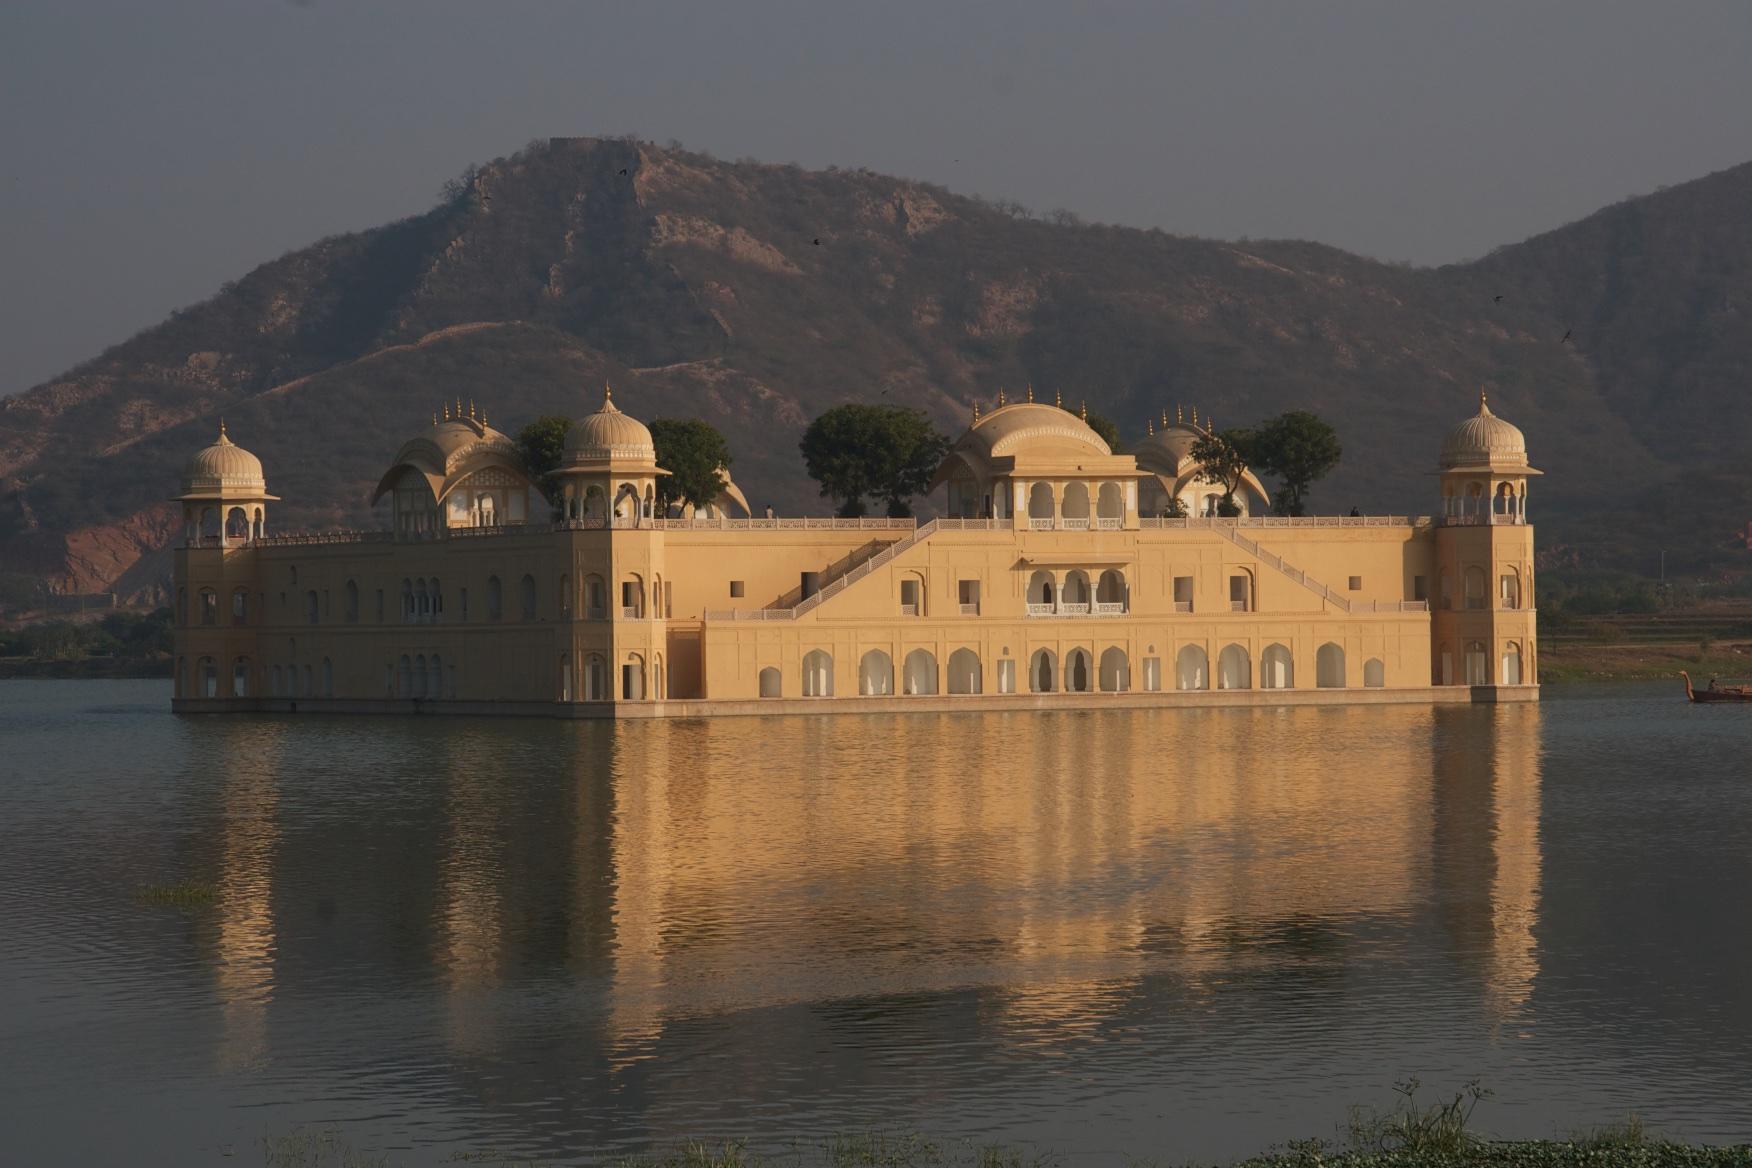 The Floating Palace. Udaipur, India.